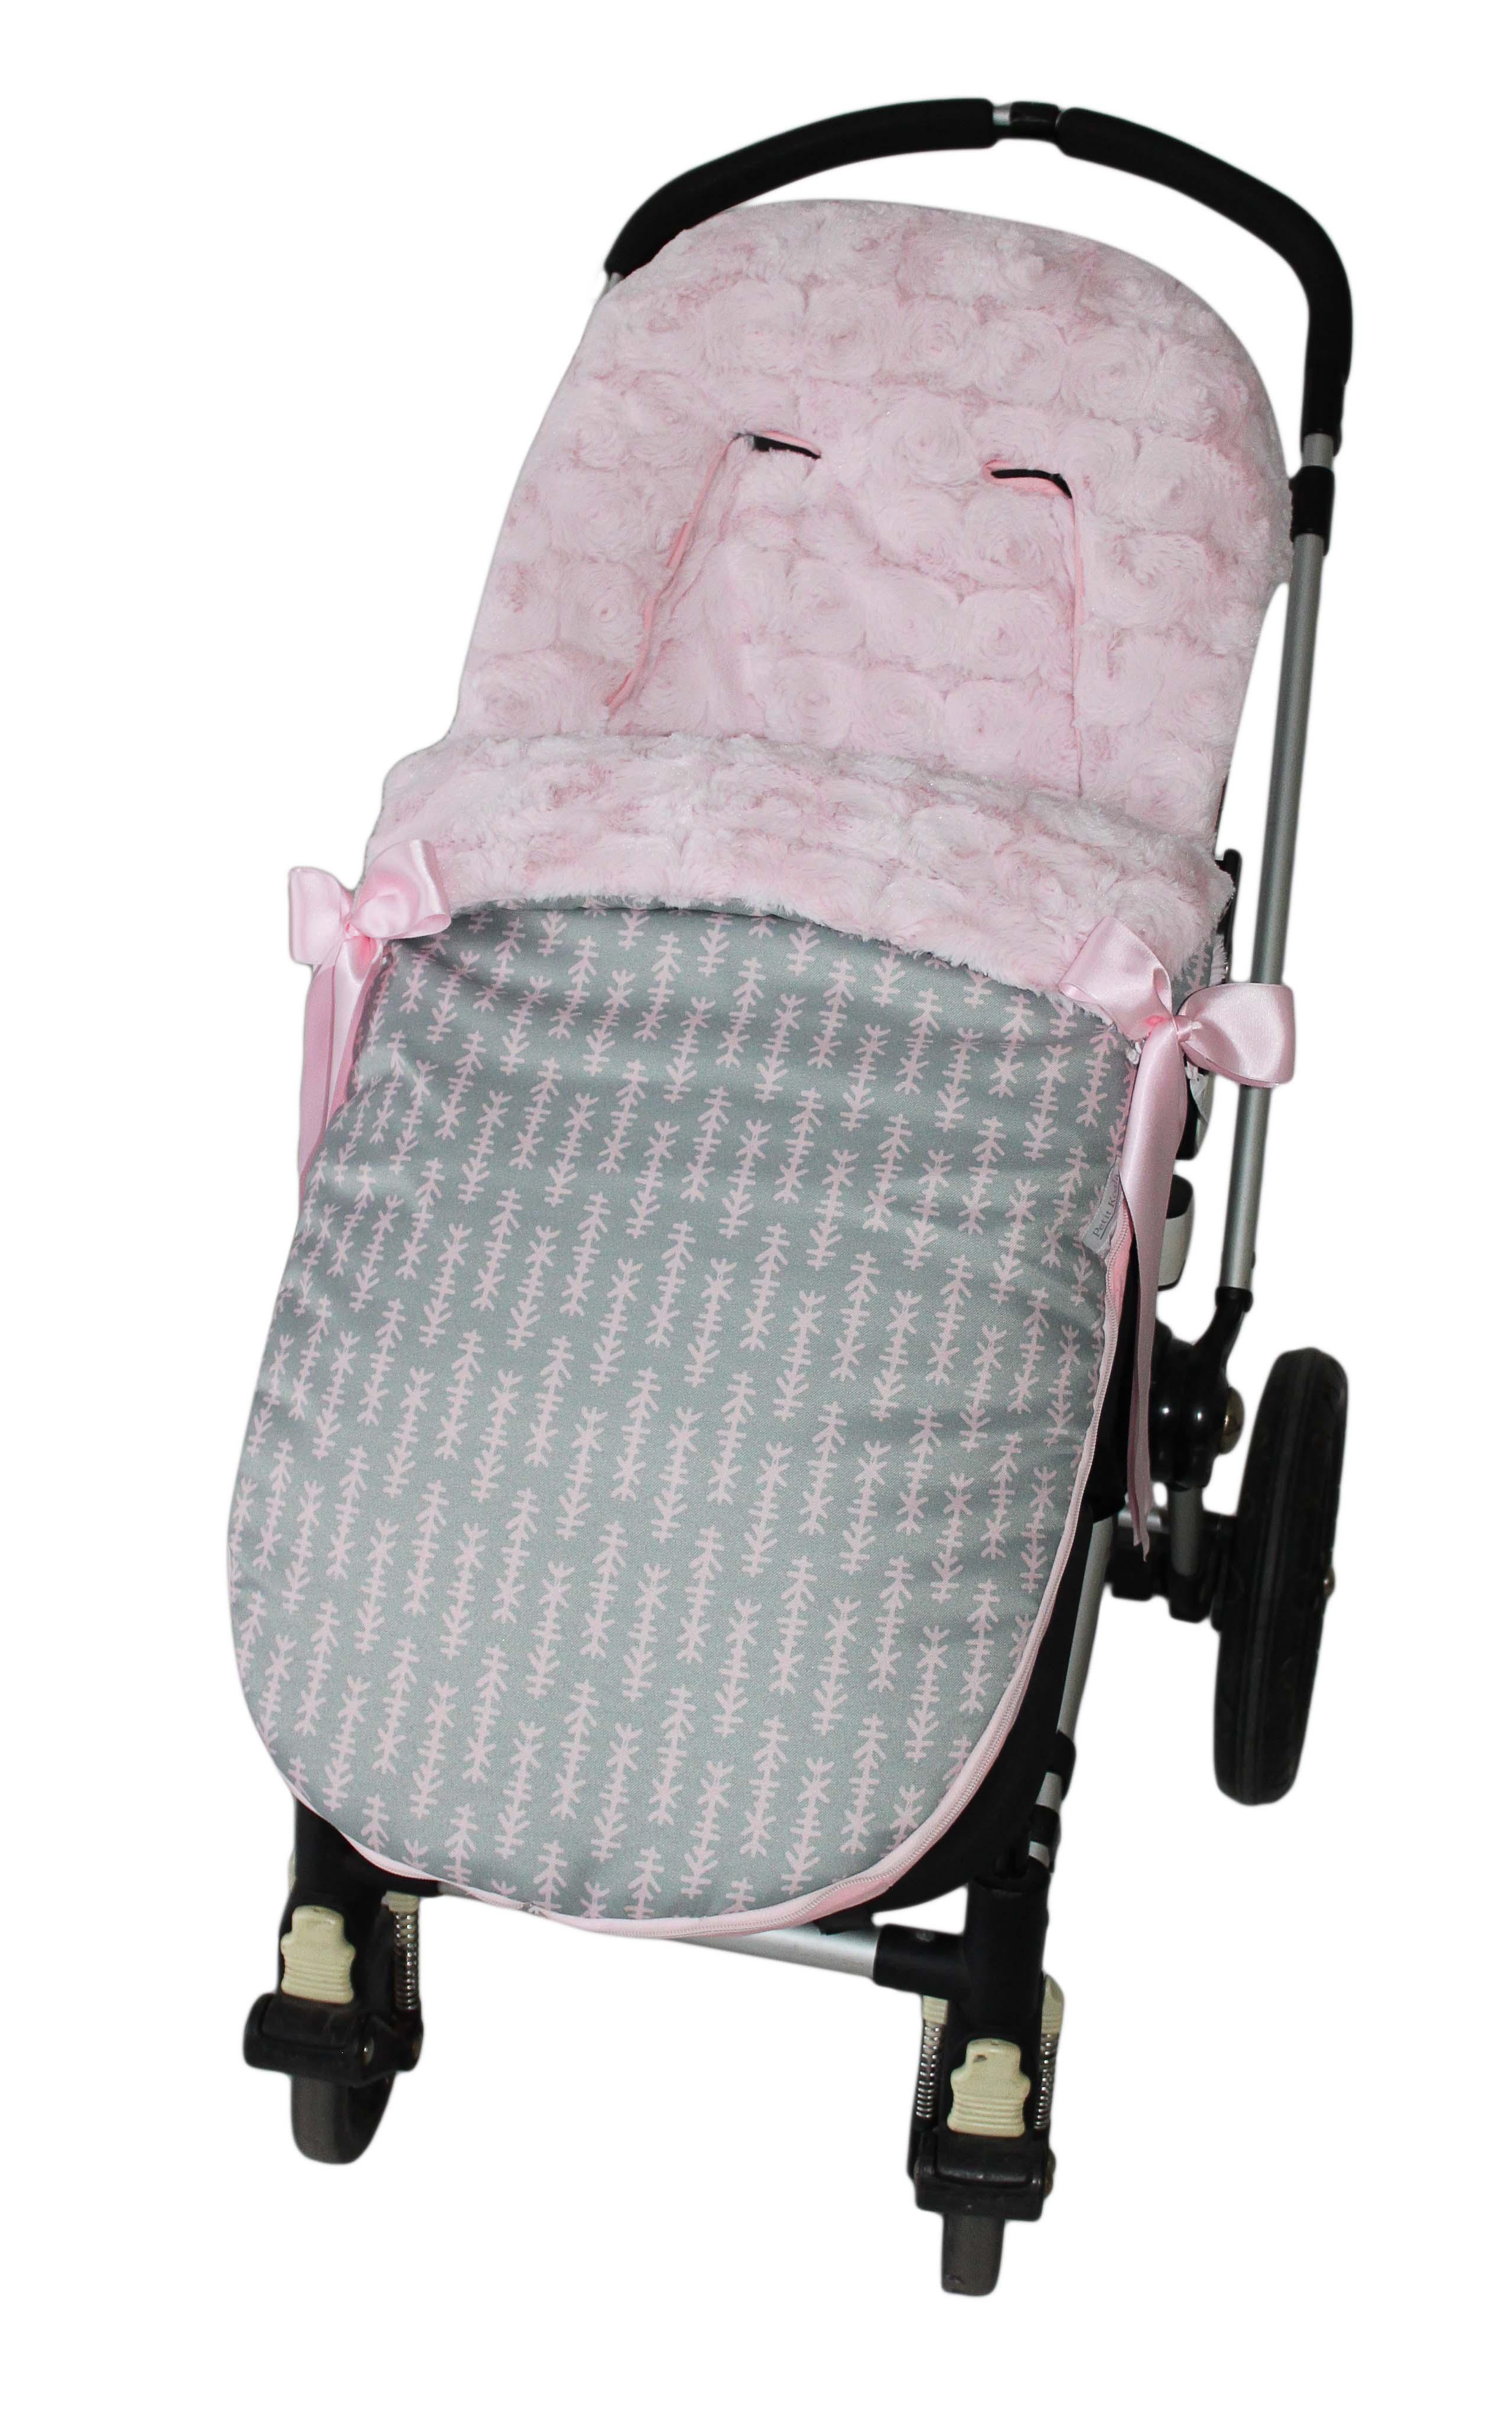 saco universal invierno flechas rosa pelo roseton rosa sacouniversalinviernoflechas  11000  Sacos silla paseo  Fundas para silla bebe